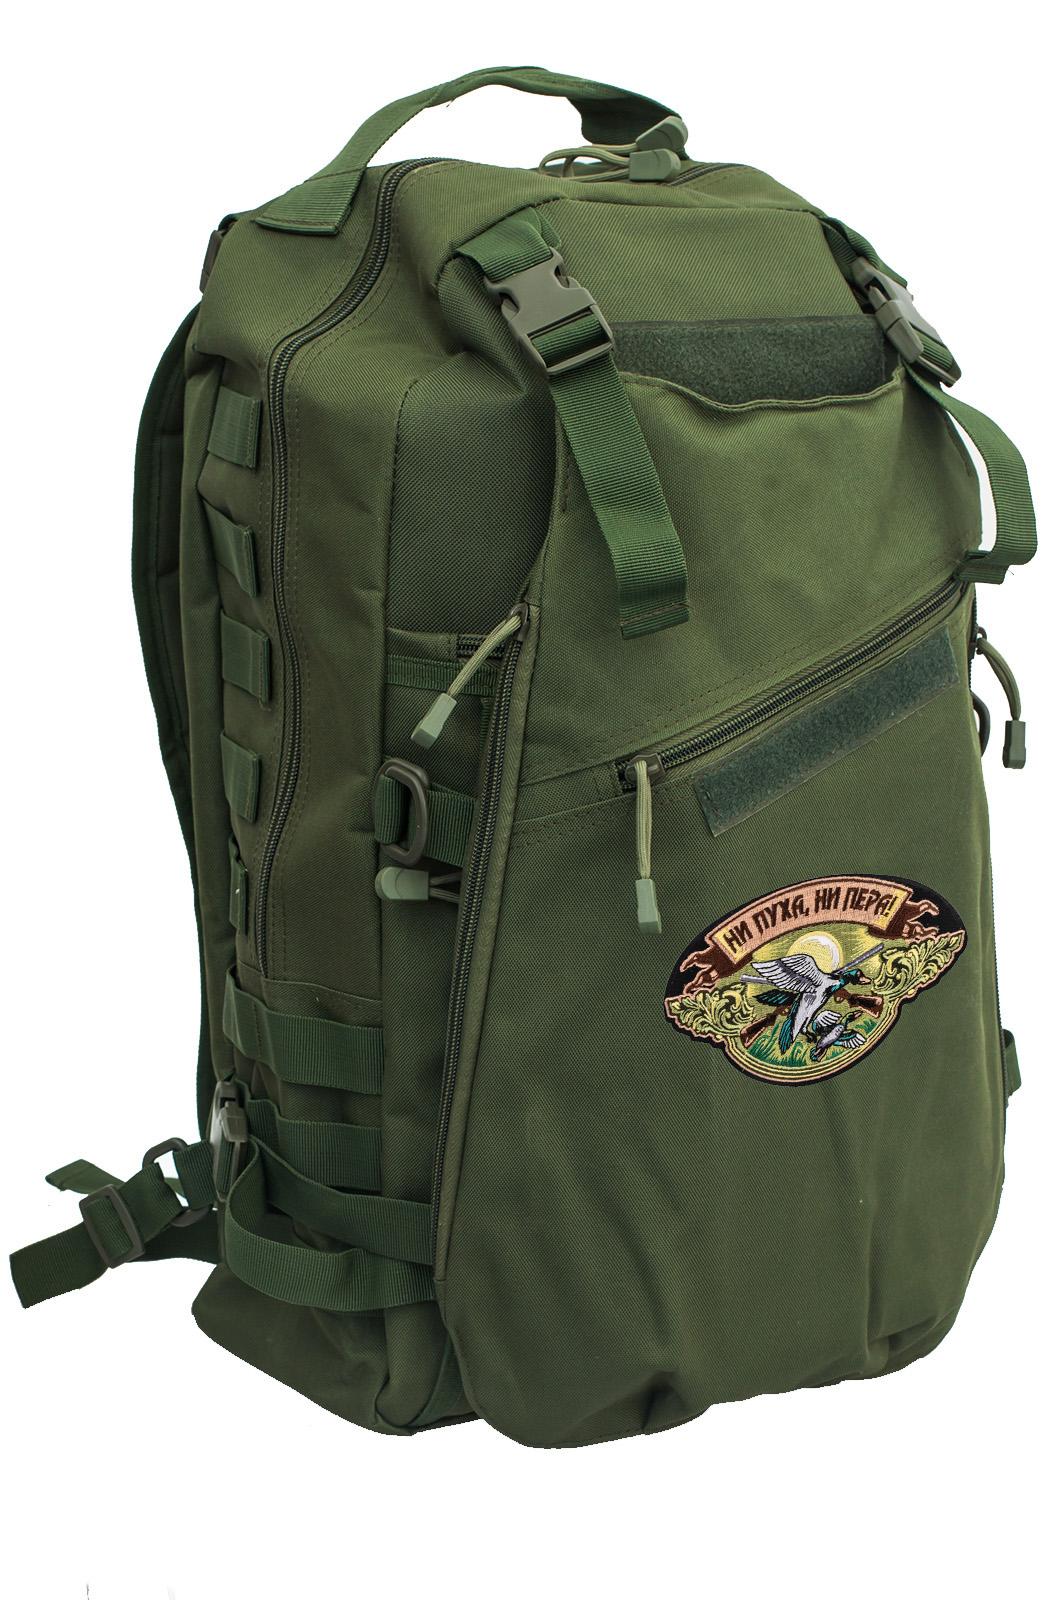 Мужской вместительный рюкзак с нашивкой Ни Пуха ни Пера - заказать выгодно